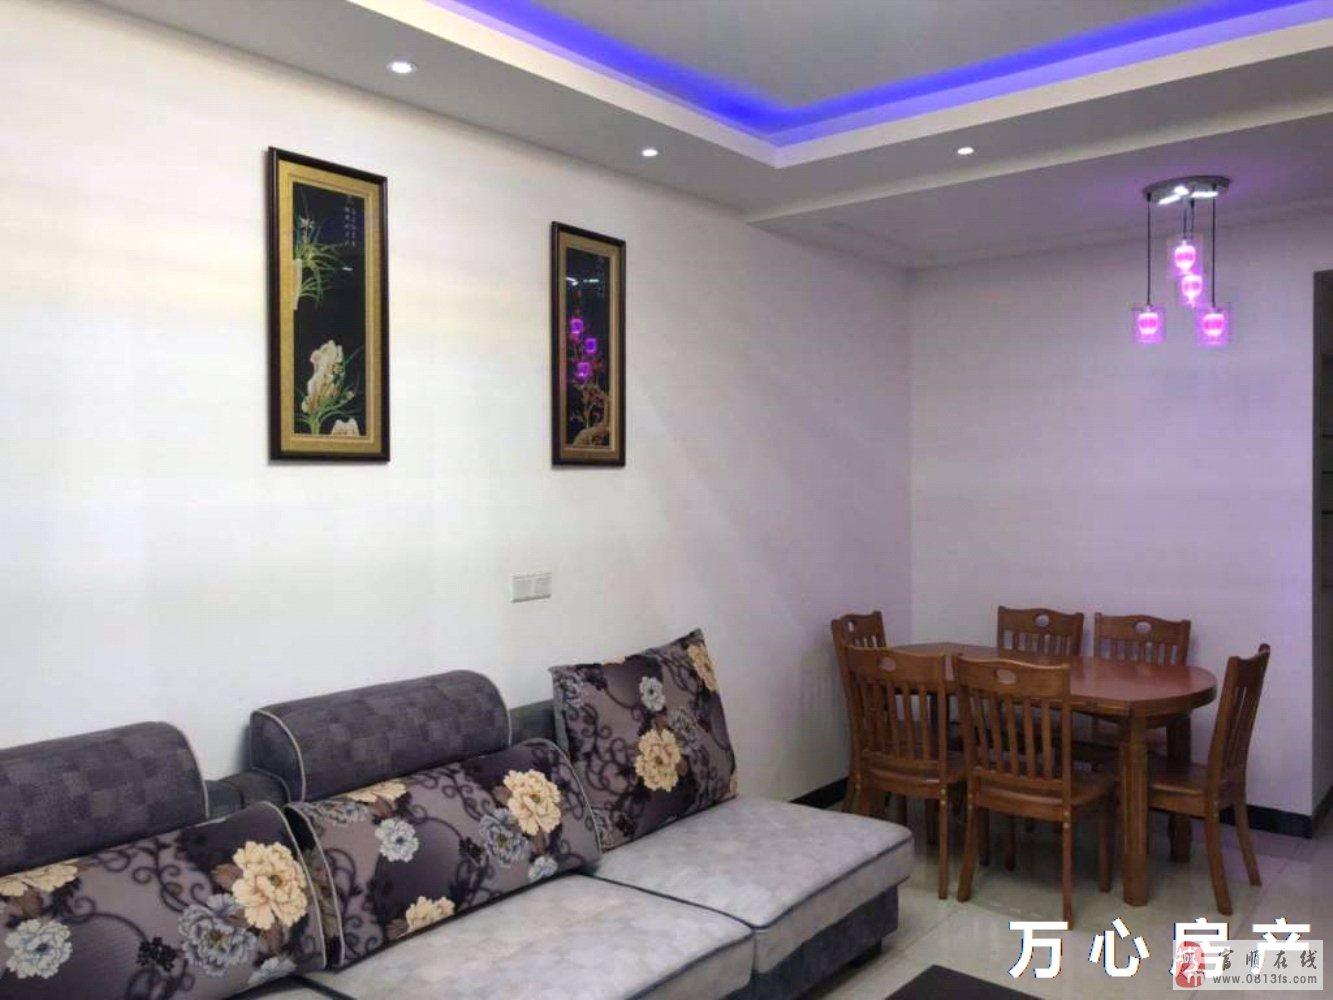 瑞祥·水岸城2室2厅1卫精装修58万元